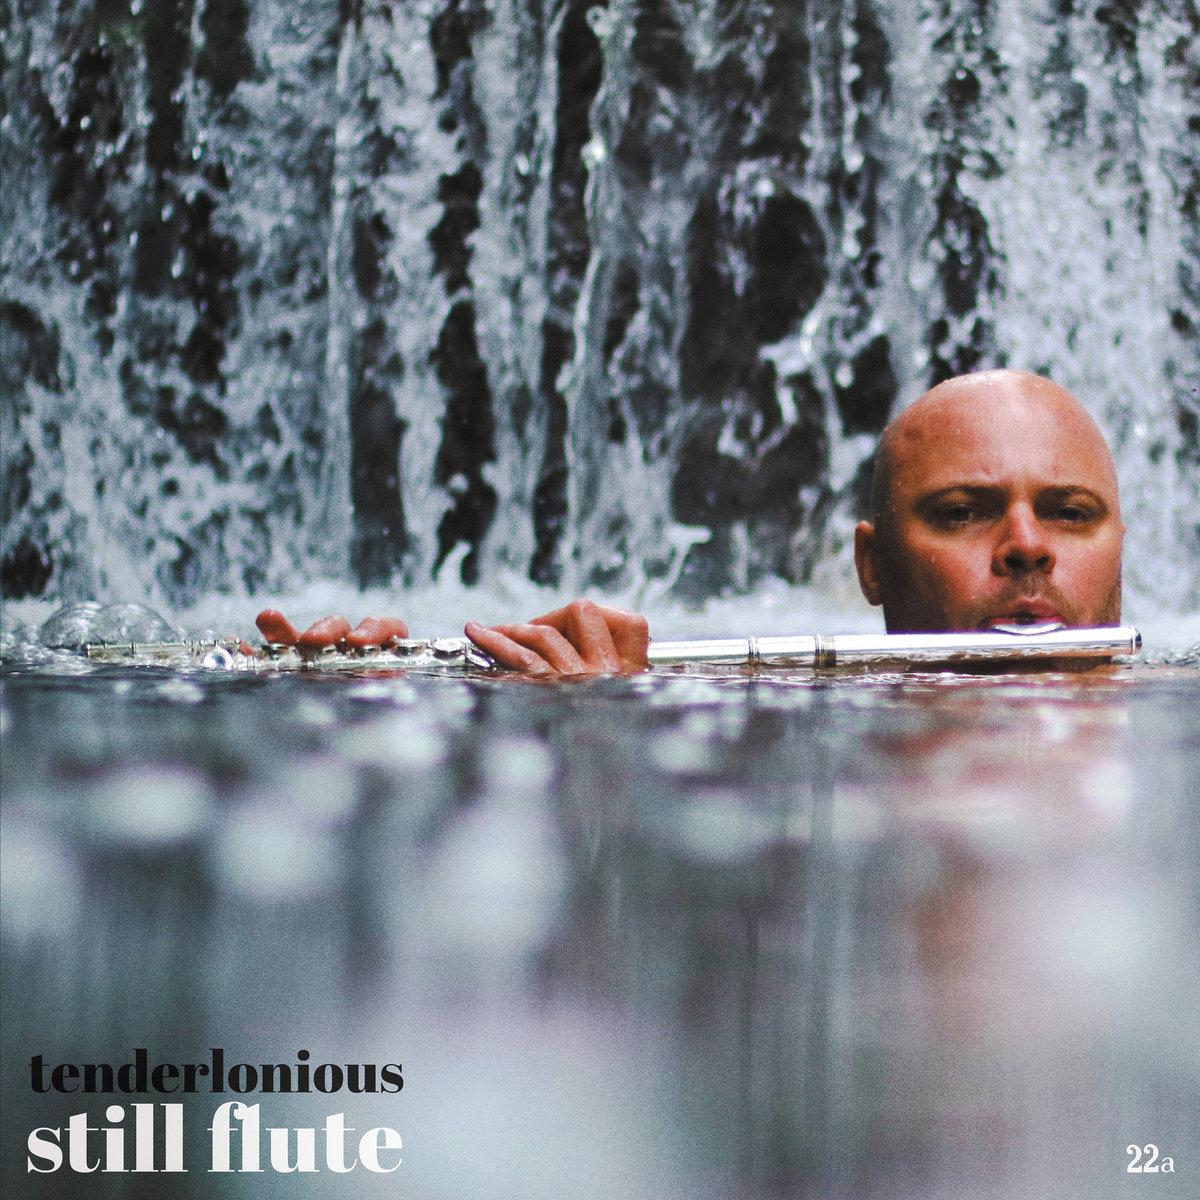 Tenderlonious |Still Flute